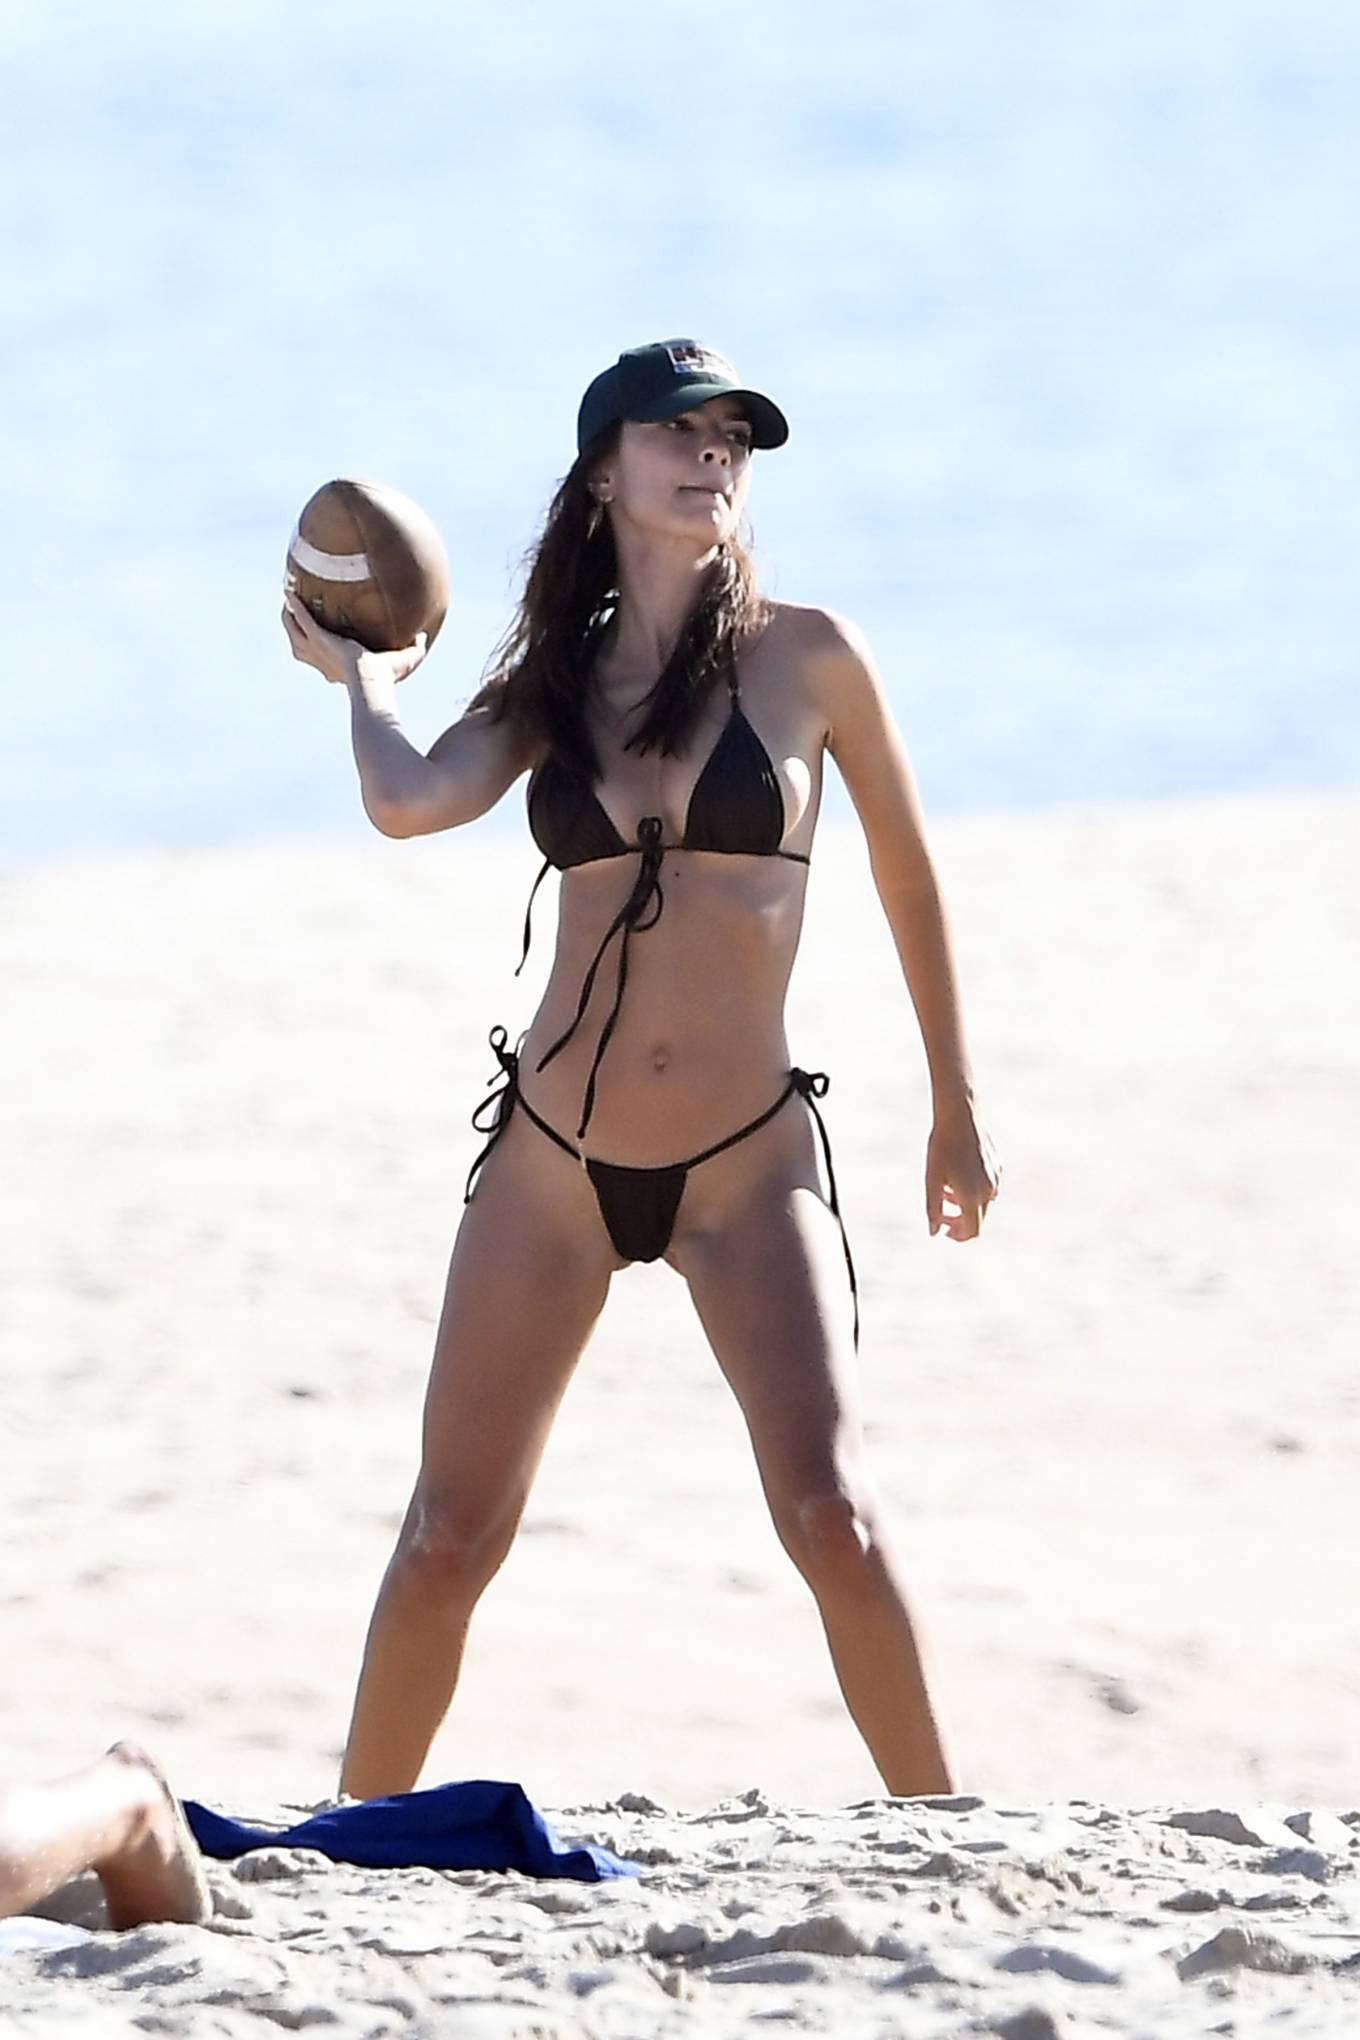 Emily Ratajkowski - In a black bikini playing football at the beach in East Hampton Hamptons